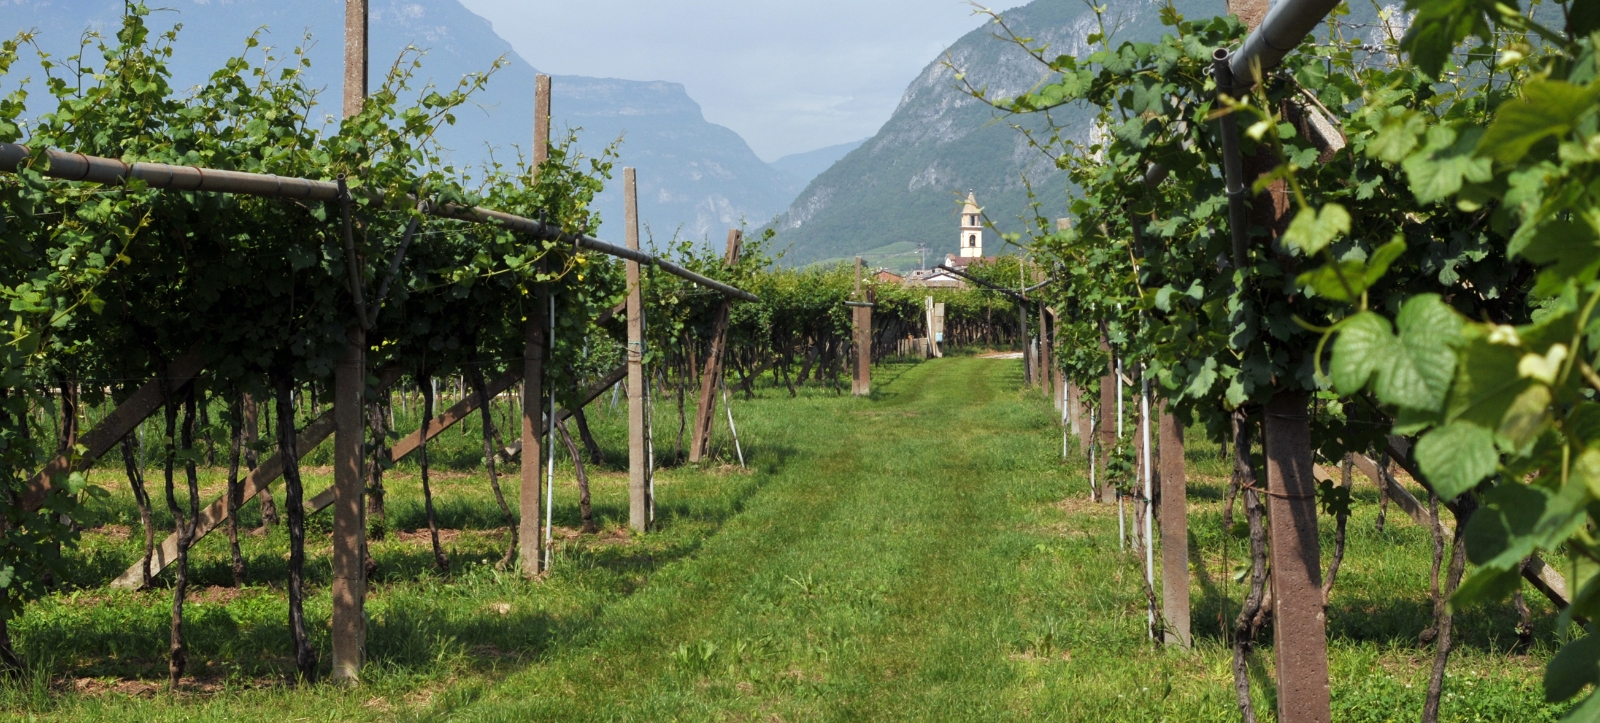 vineyard_trentino_1